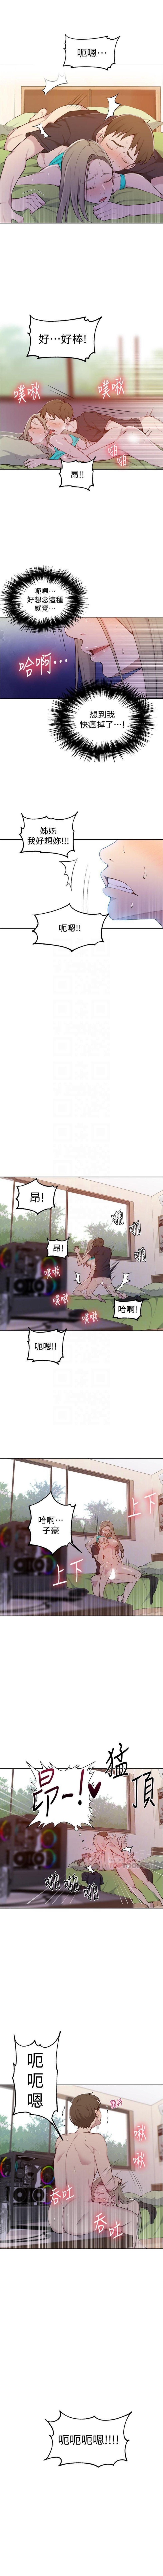 秘密教學  1-63 官方中文(連載中) 319